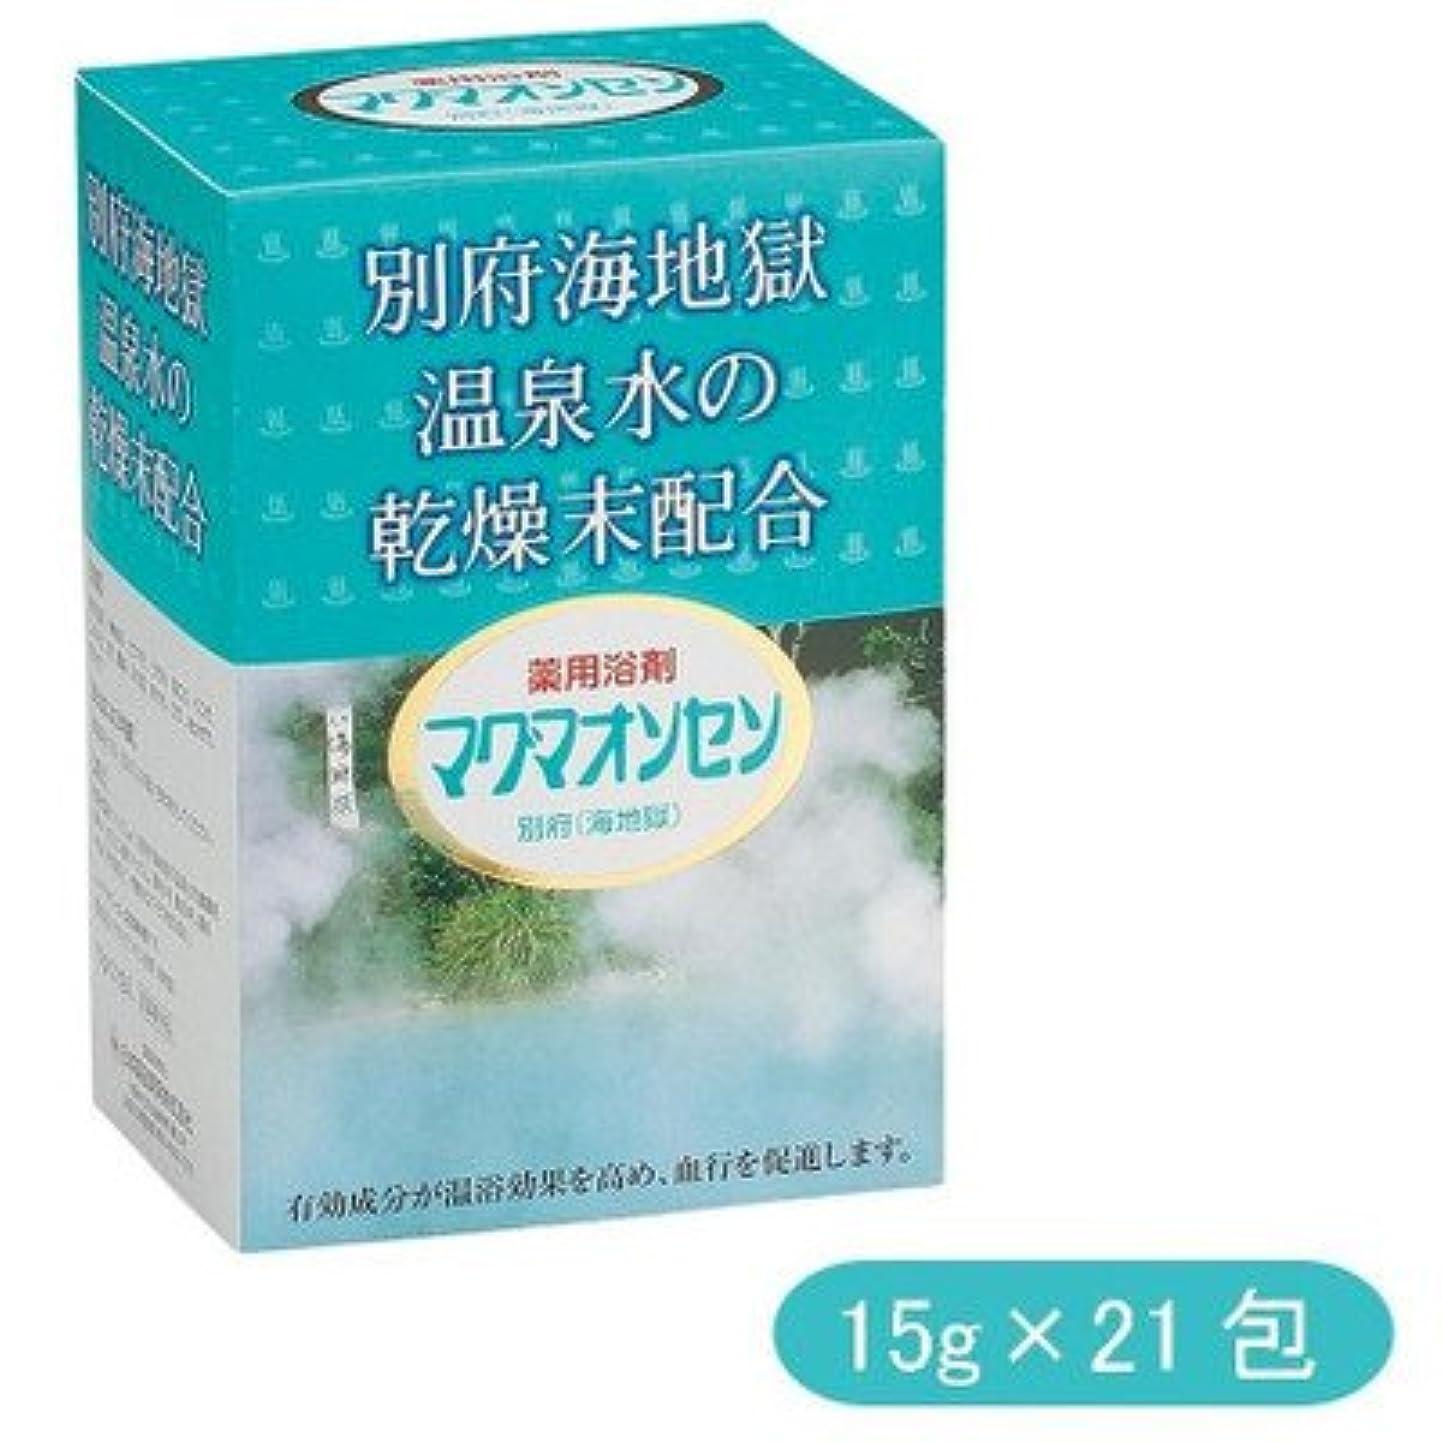 底定規サッカー日本薬品開発 医薬部外品 薬用入浴剤 マグマオンセン 15g×21P 800770